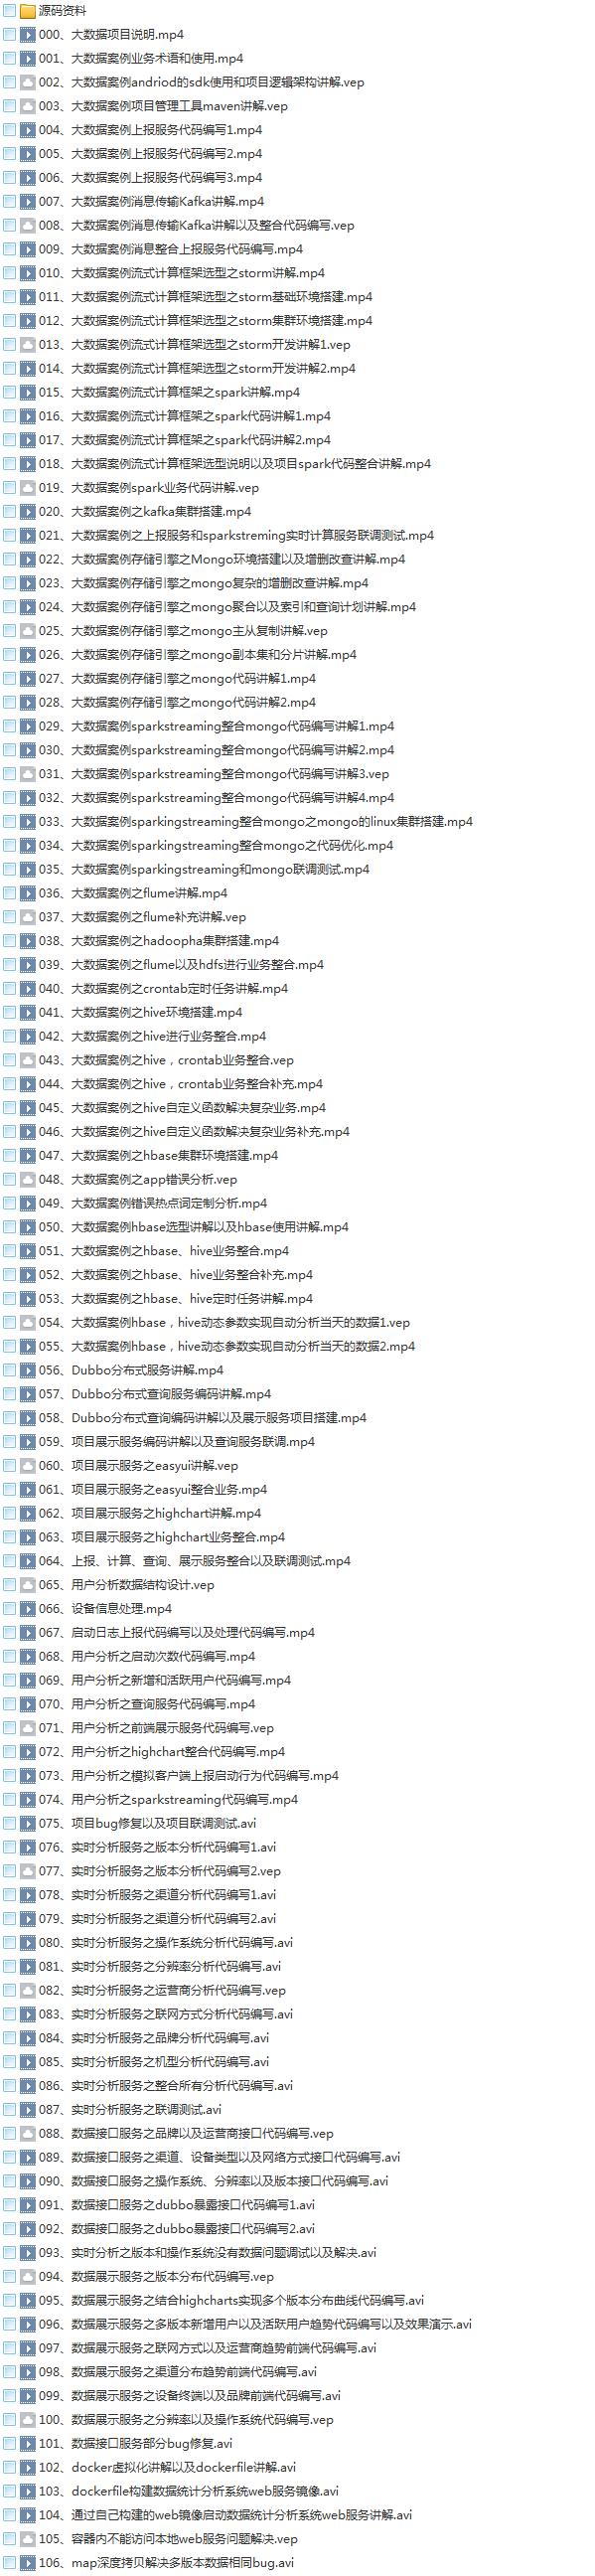 39套大数据高端架构云计算物联网精英培训 数据分析 数据挖掘 数据仓库 机器学习 日志分析 爬虫项目 行为分析 用户画像 实时计算大型企业级项目实战系列视频教程插图(16)